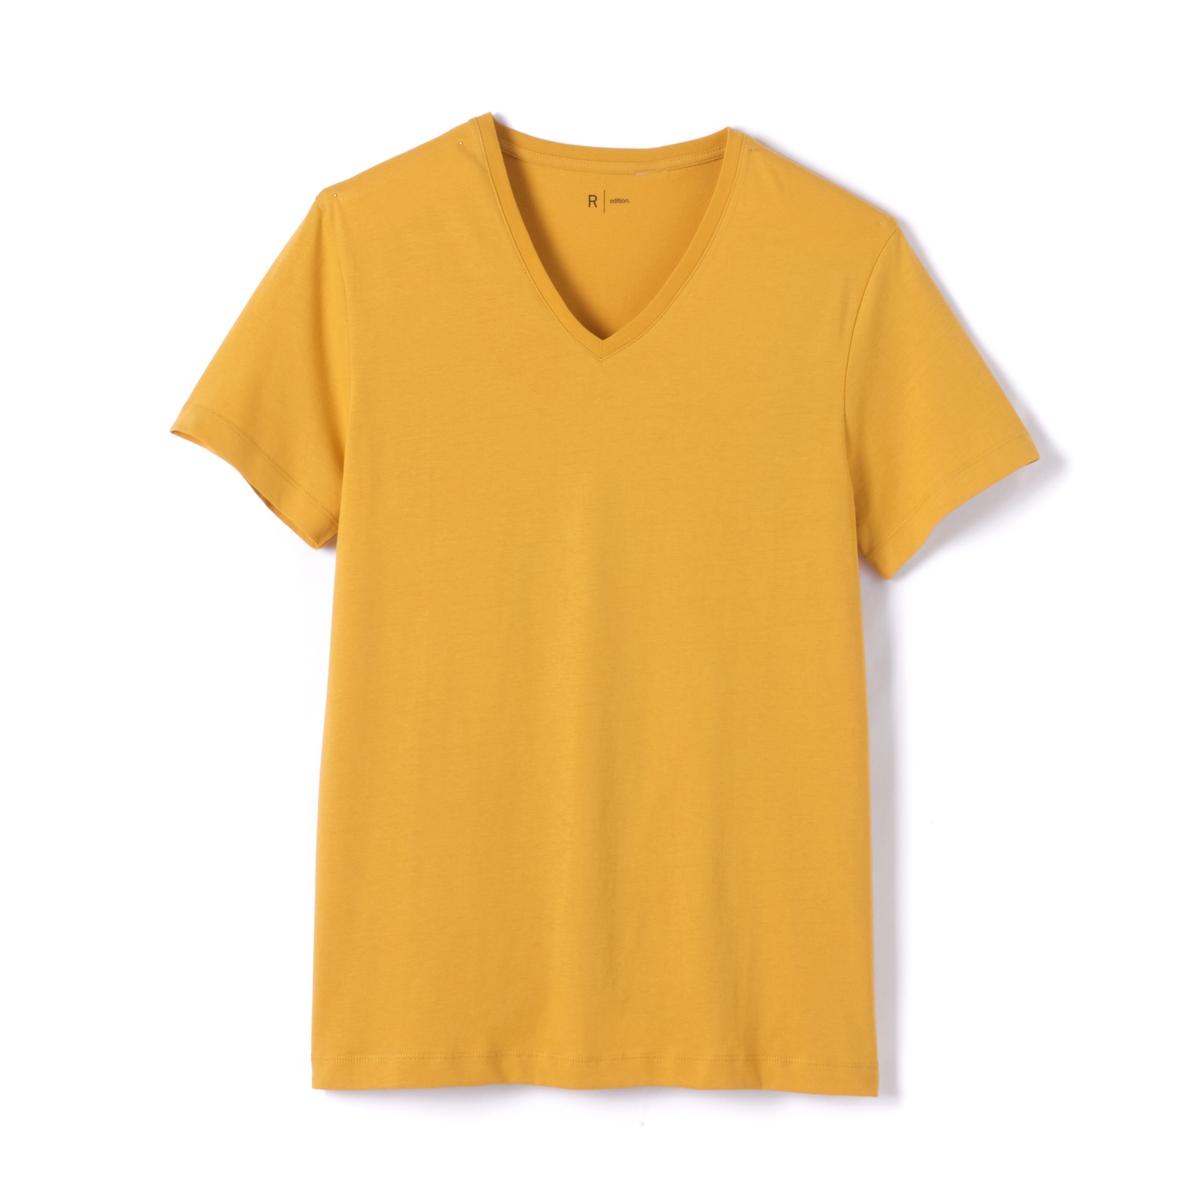 Футболка хлопковая с V-образным вырезомОписание:Детали •  Короткие рукава •   V-образный вырезСостав и уход •  100% хлопок •  Машинная стирка при 40° •  Сухая чистка и отбеливание запрещены •  Барабанная сушка при умеренном режиме •  Гладить при средней температуре<br><br>Цвет: бордовый меланж,желтый,зеленый,ярко-синий<br>Размер: XS.S.M.M